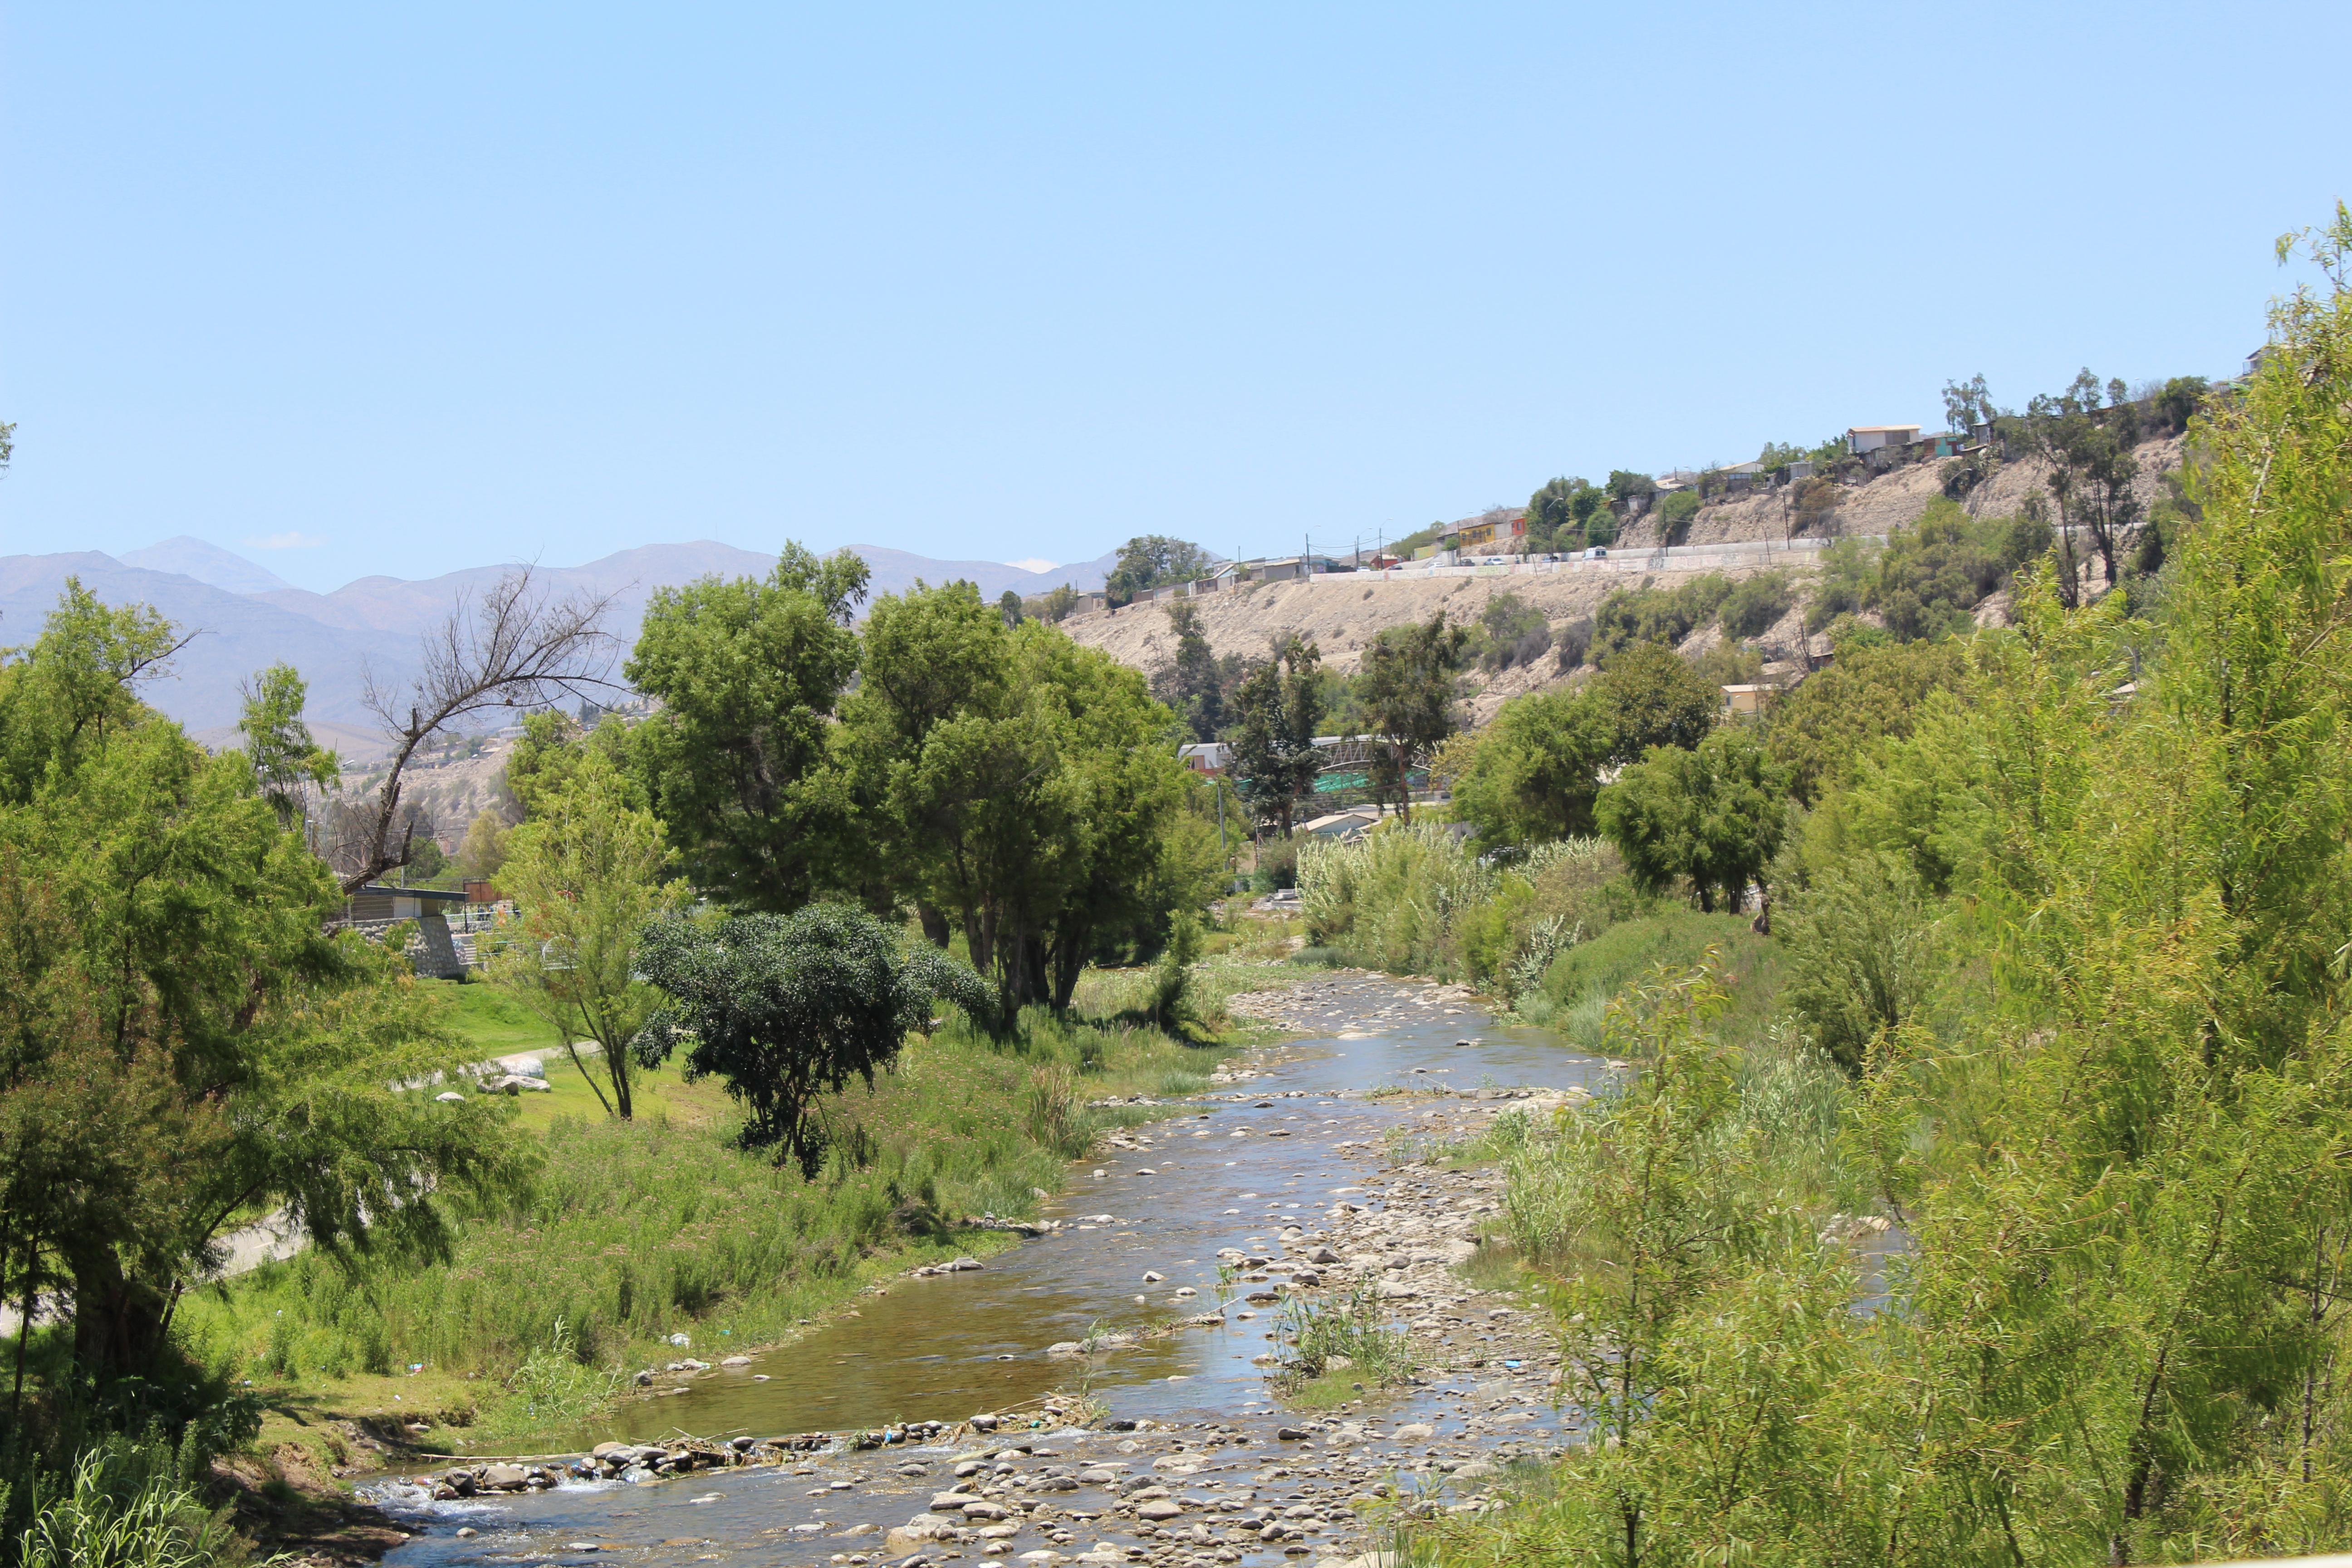 Constituyen Comité Operativo Ampliado para la elaboración de la Norma Secundaria de Calidad Ambiental de las Aguas de la Cuenca del Rio Huasco